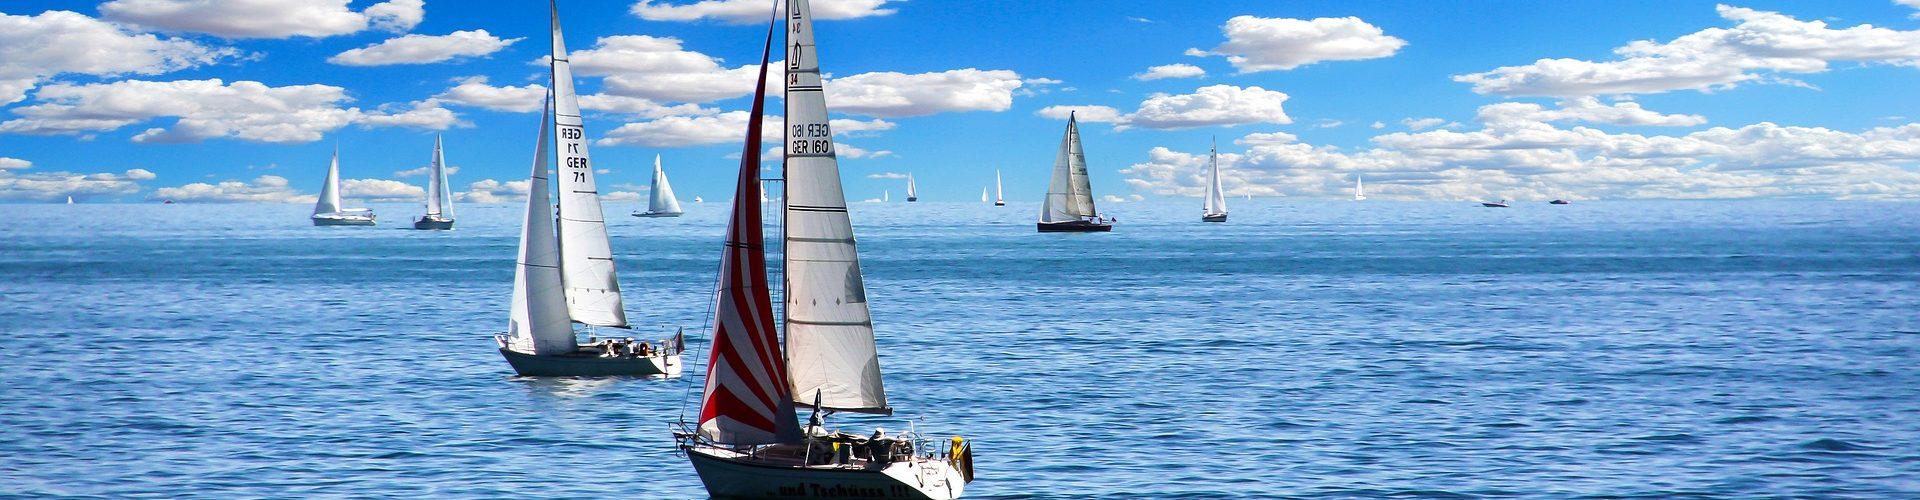 segeln lernen in Altötting segelschein machen in Altötting 1920x500 - Segeln lernen in Altötting